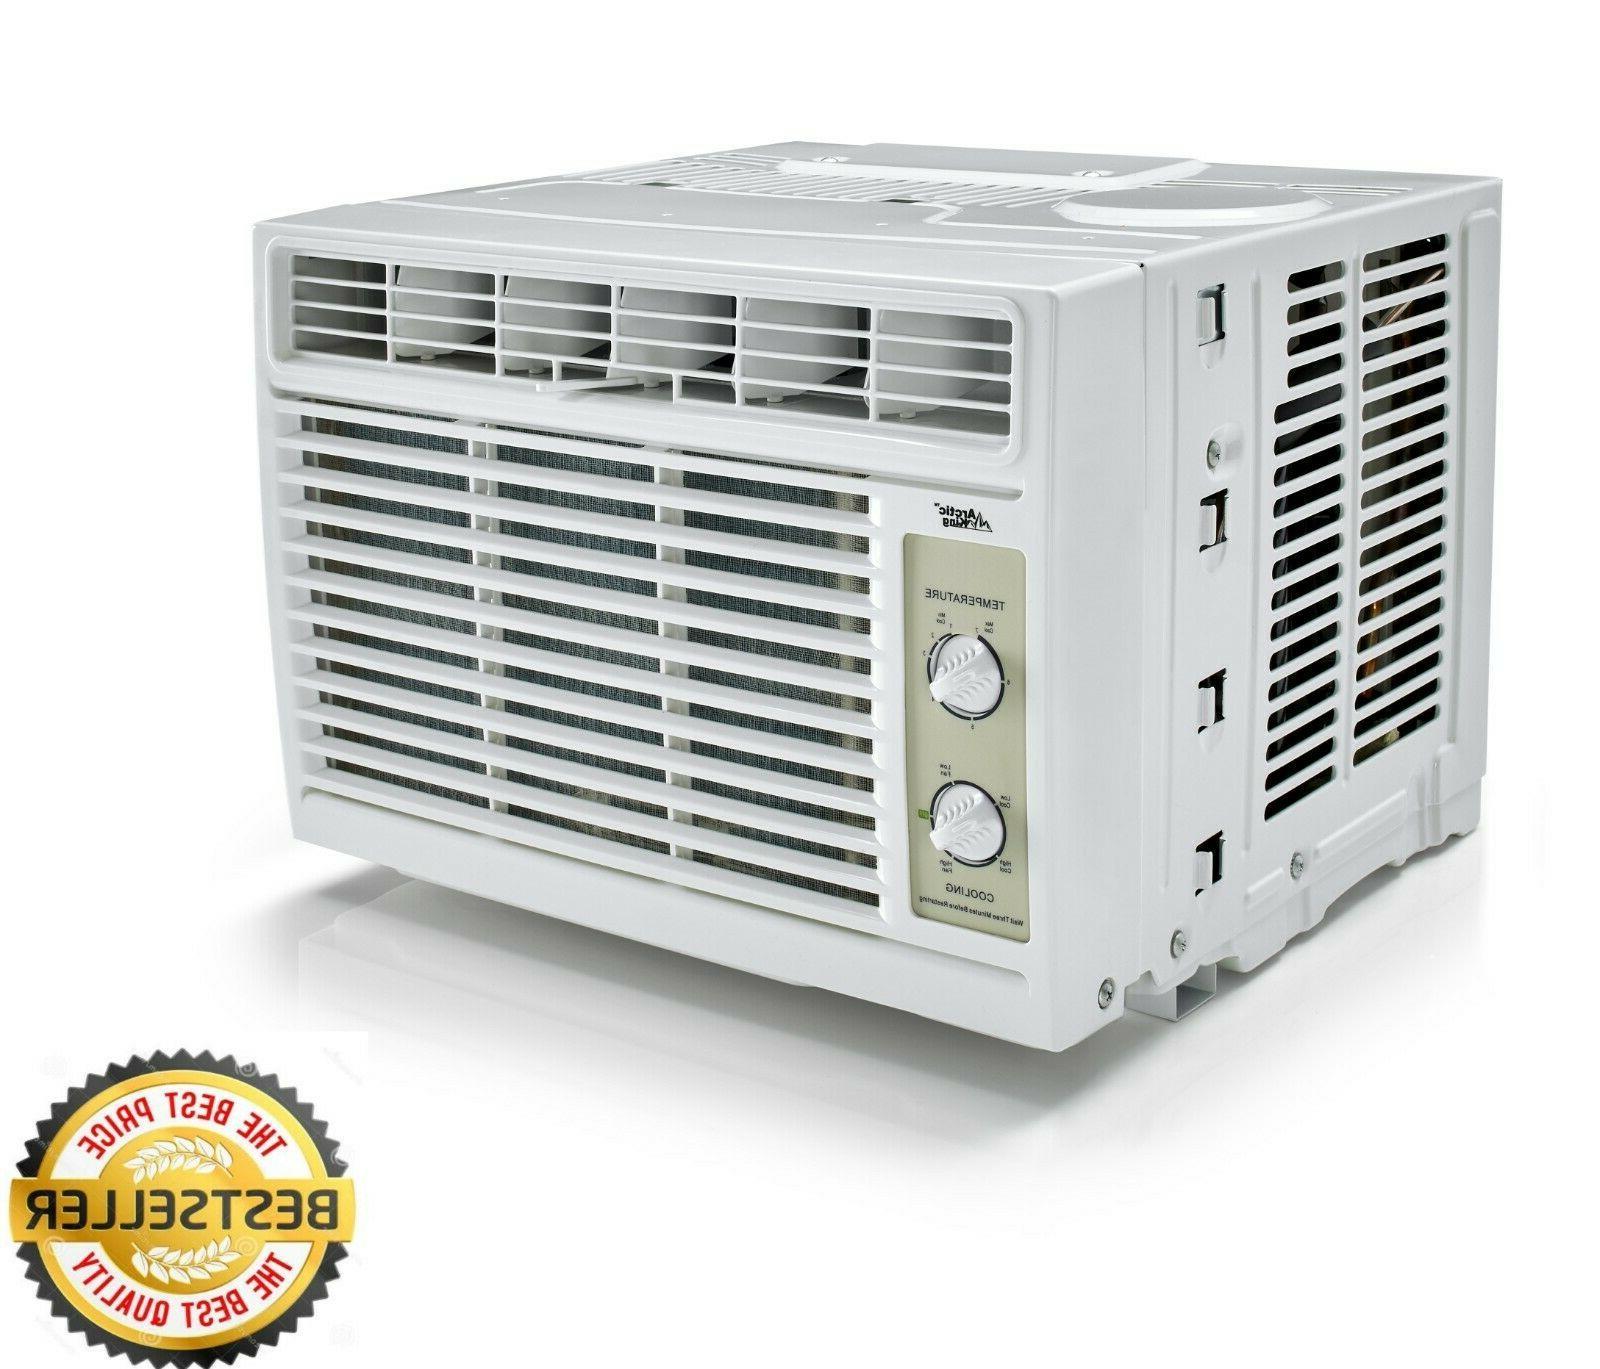 Window Air Conditioner Ac Unit Quiet Energy Efficient